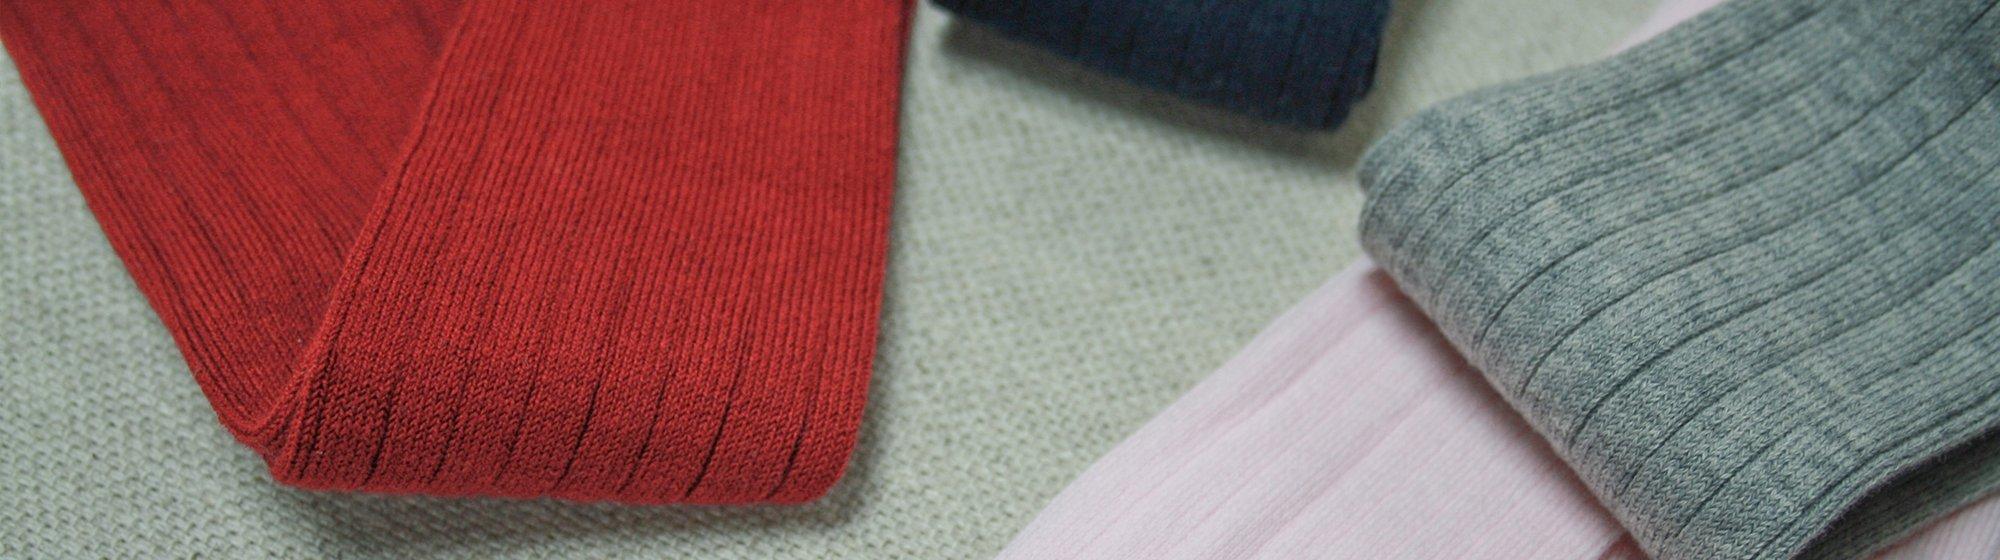 Collants e Têxteis Cóndor